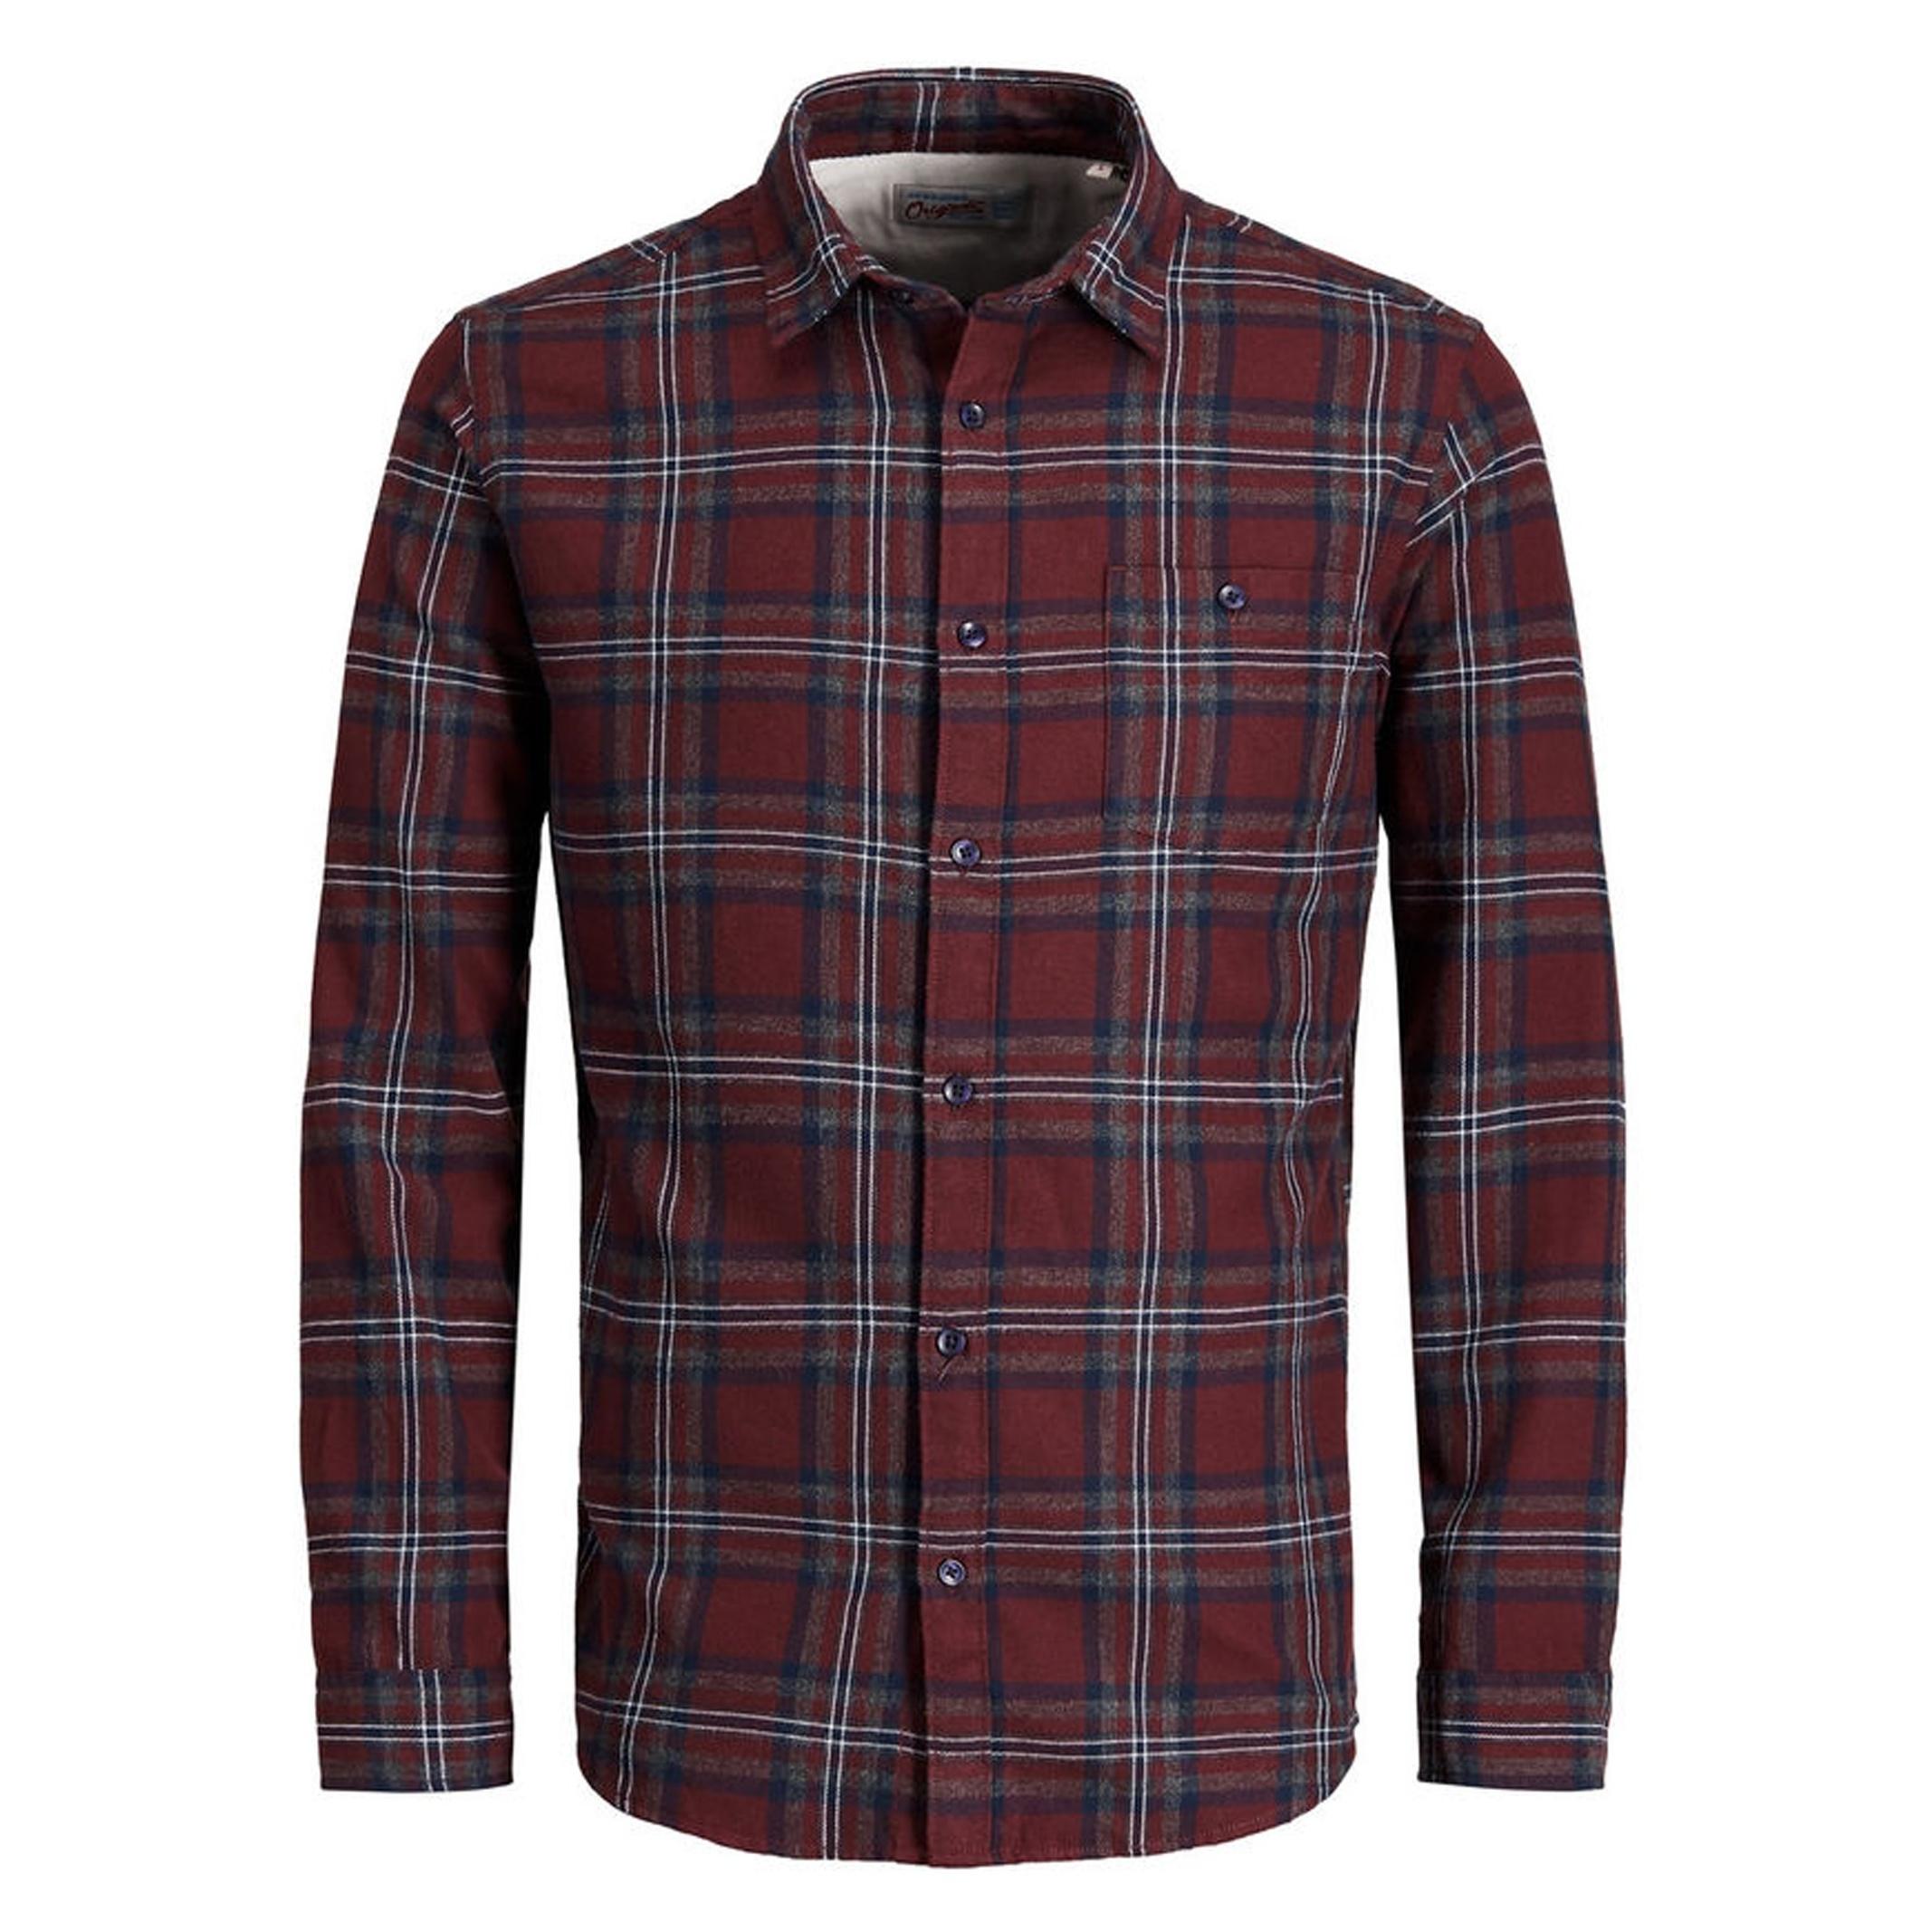 پیراهن نخی آستین بلند مردانه - جک اند جونز - زرشکي - 1